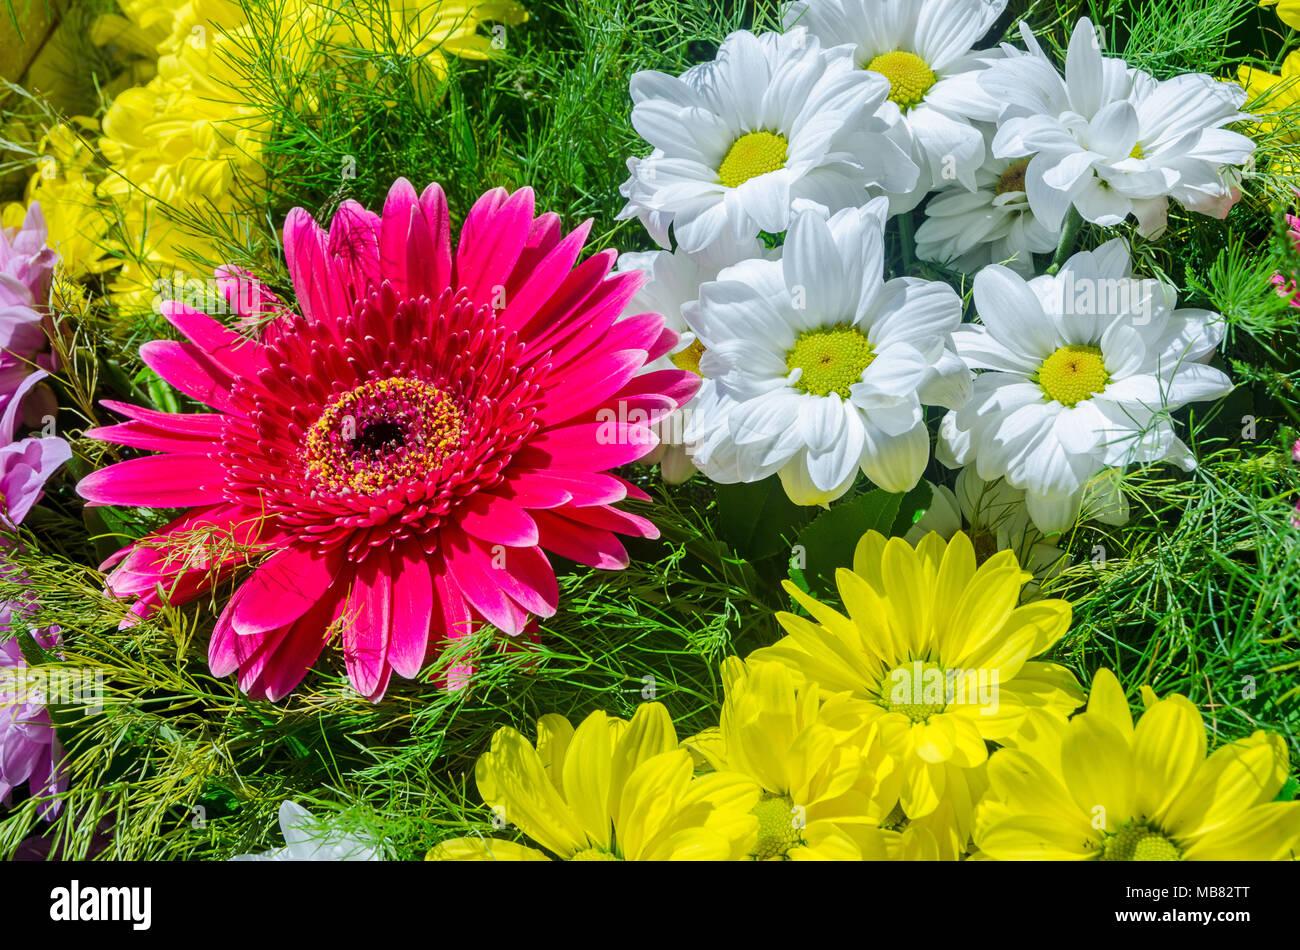 Un Hermoso Arreglo Floral Con Gerberas Margaritas Y